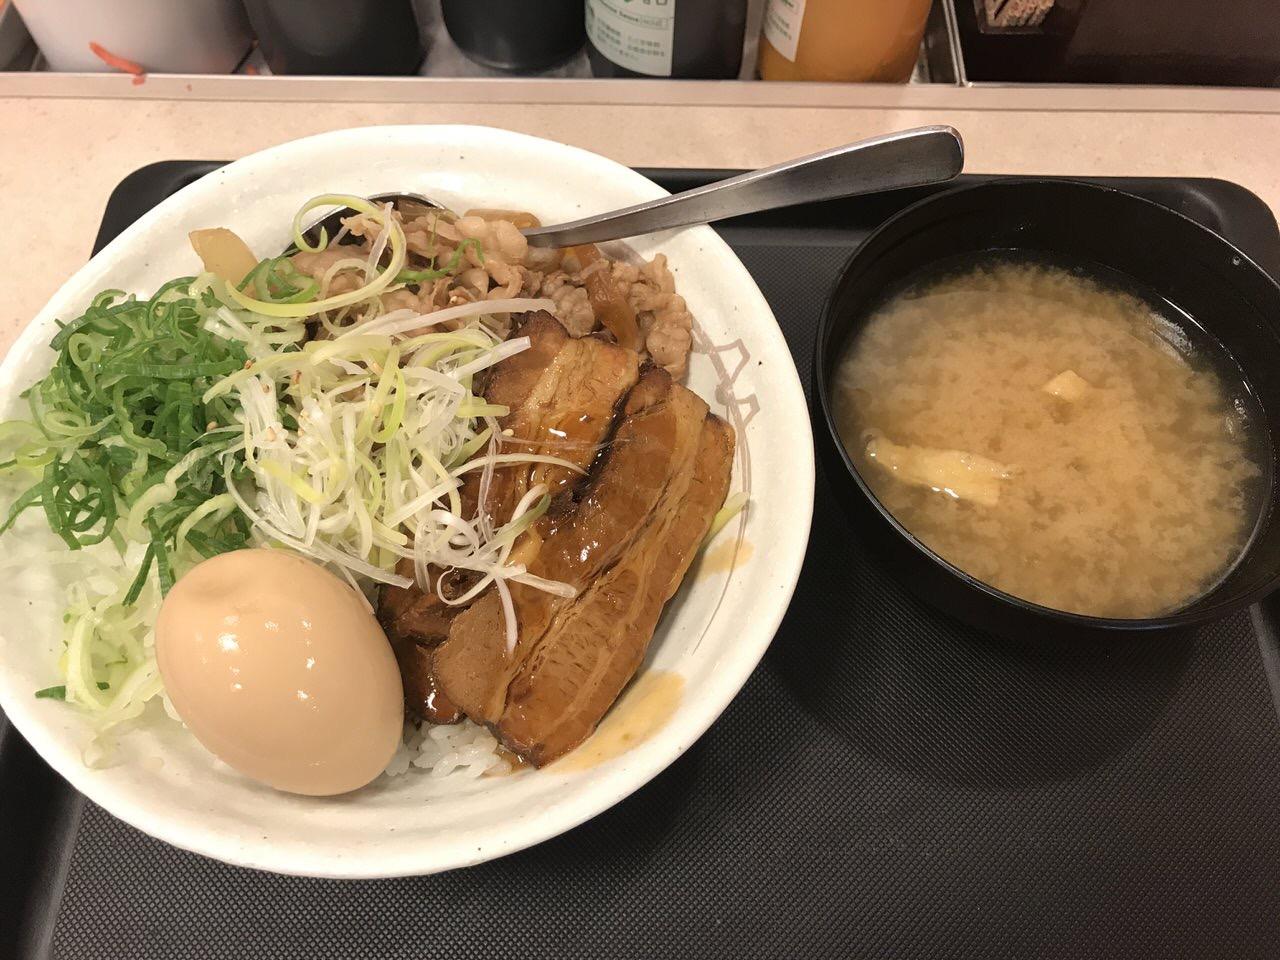 【松屋】「牛と味玉の豚角煮丼」沖縄ラフテー風豚角煮が美味い!